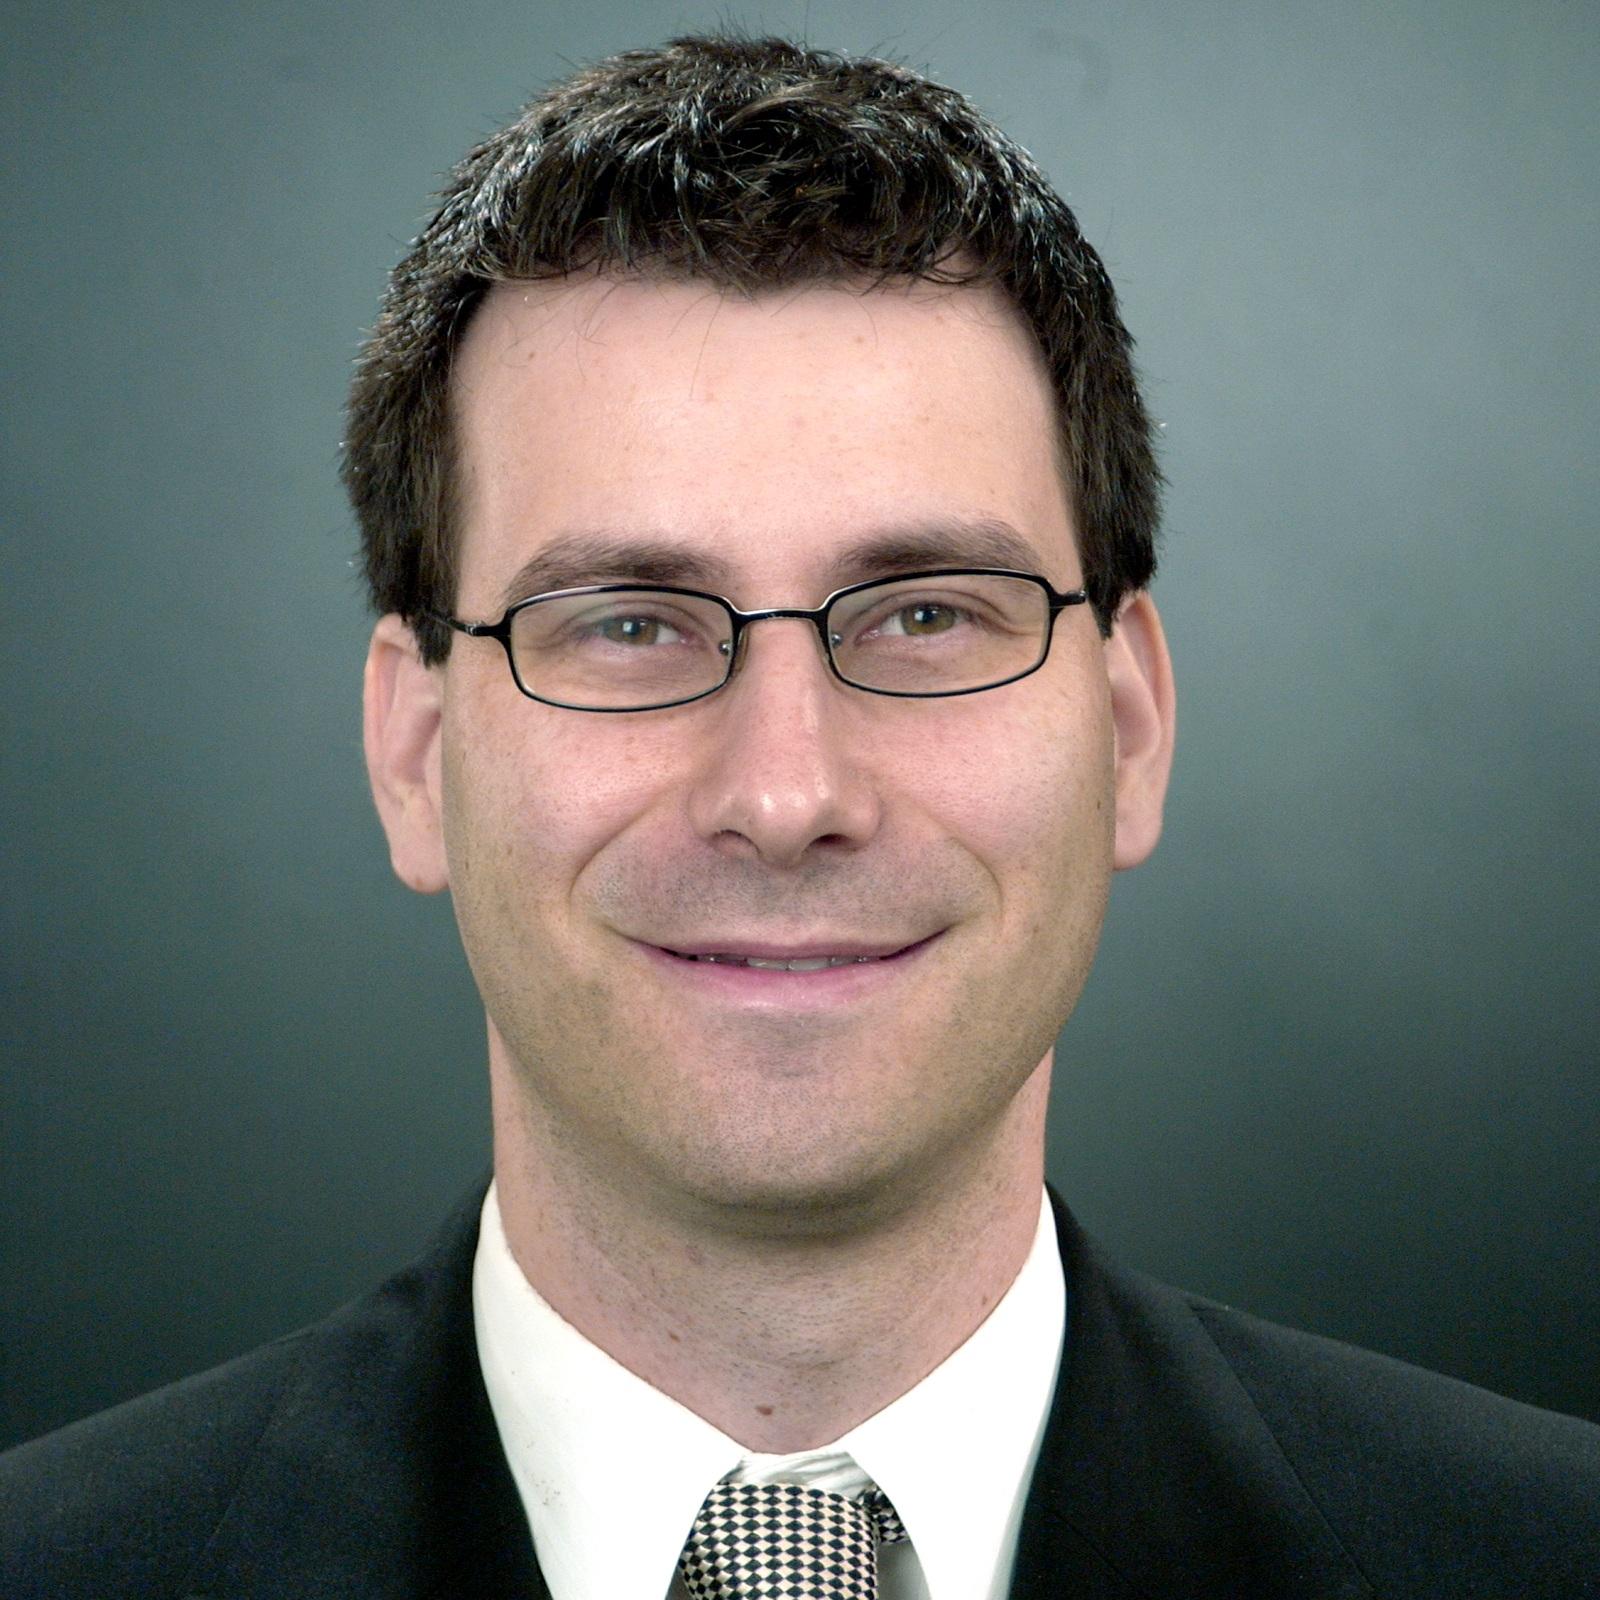 Gil+Kaplan.jpg